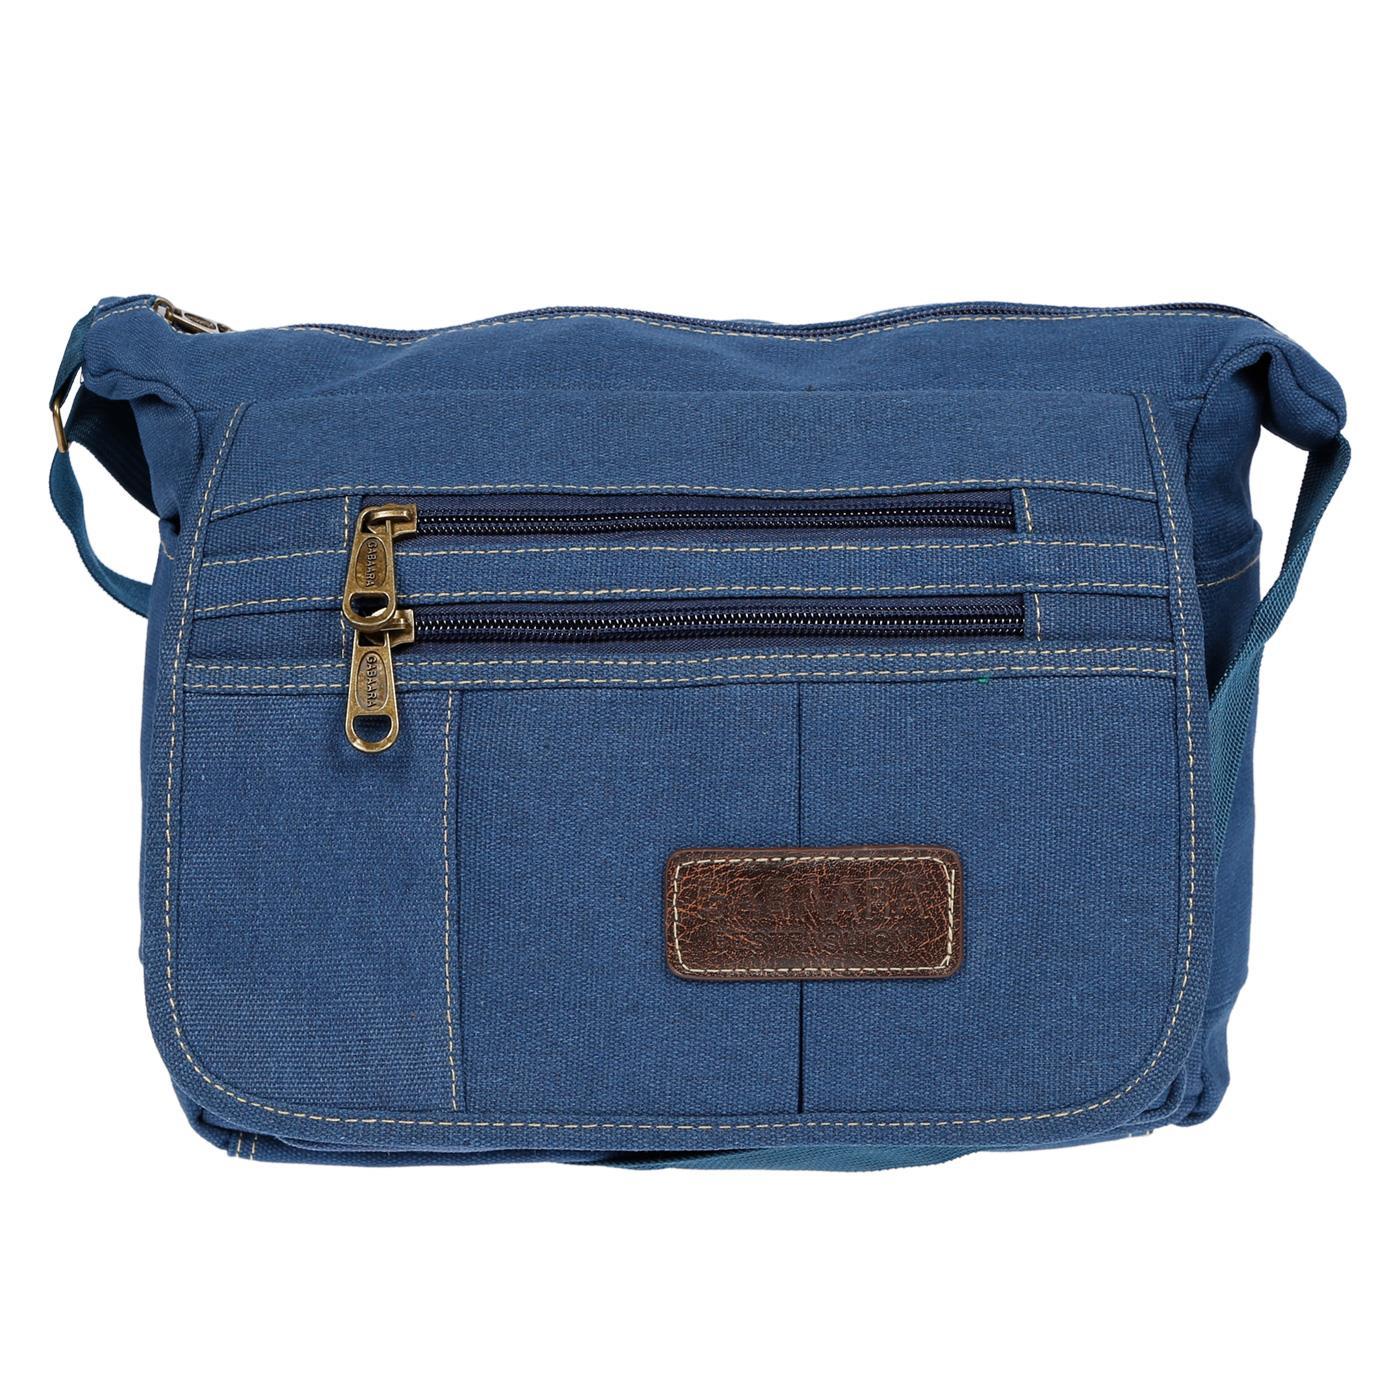 Damen-Tasche-Canvas-Umhaengetasche-Schultertasche-Crossover-Bag-Damenhandtasche Indexbild 20